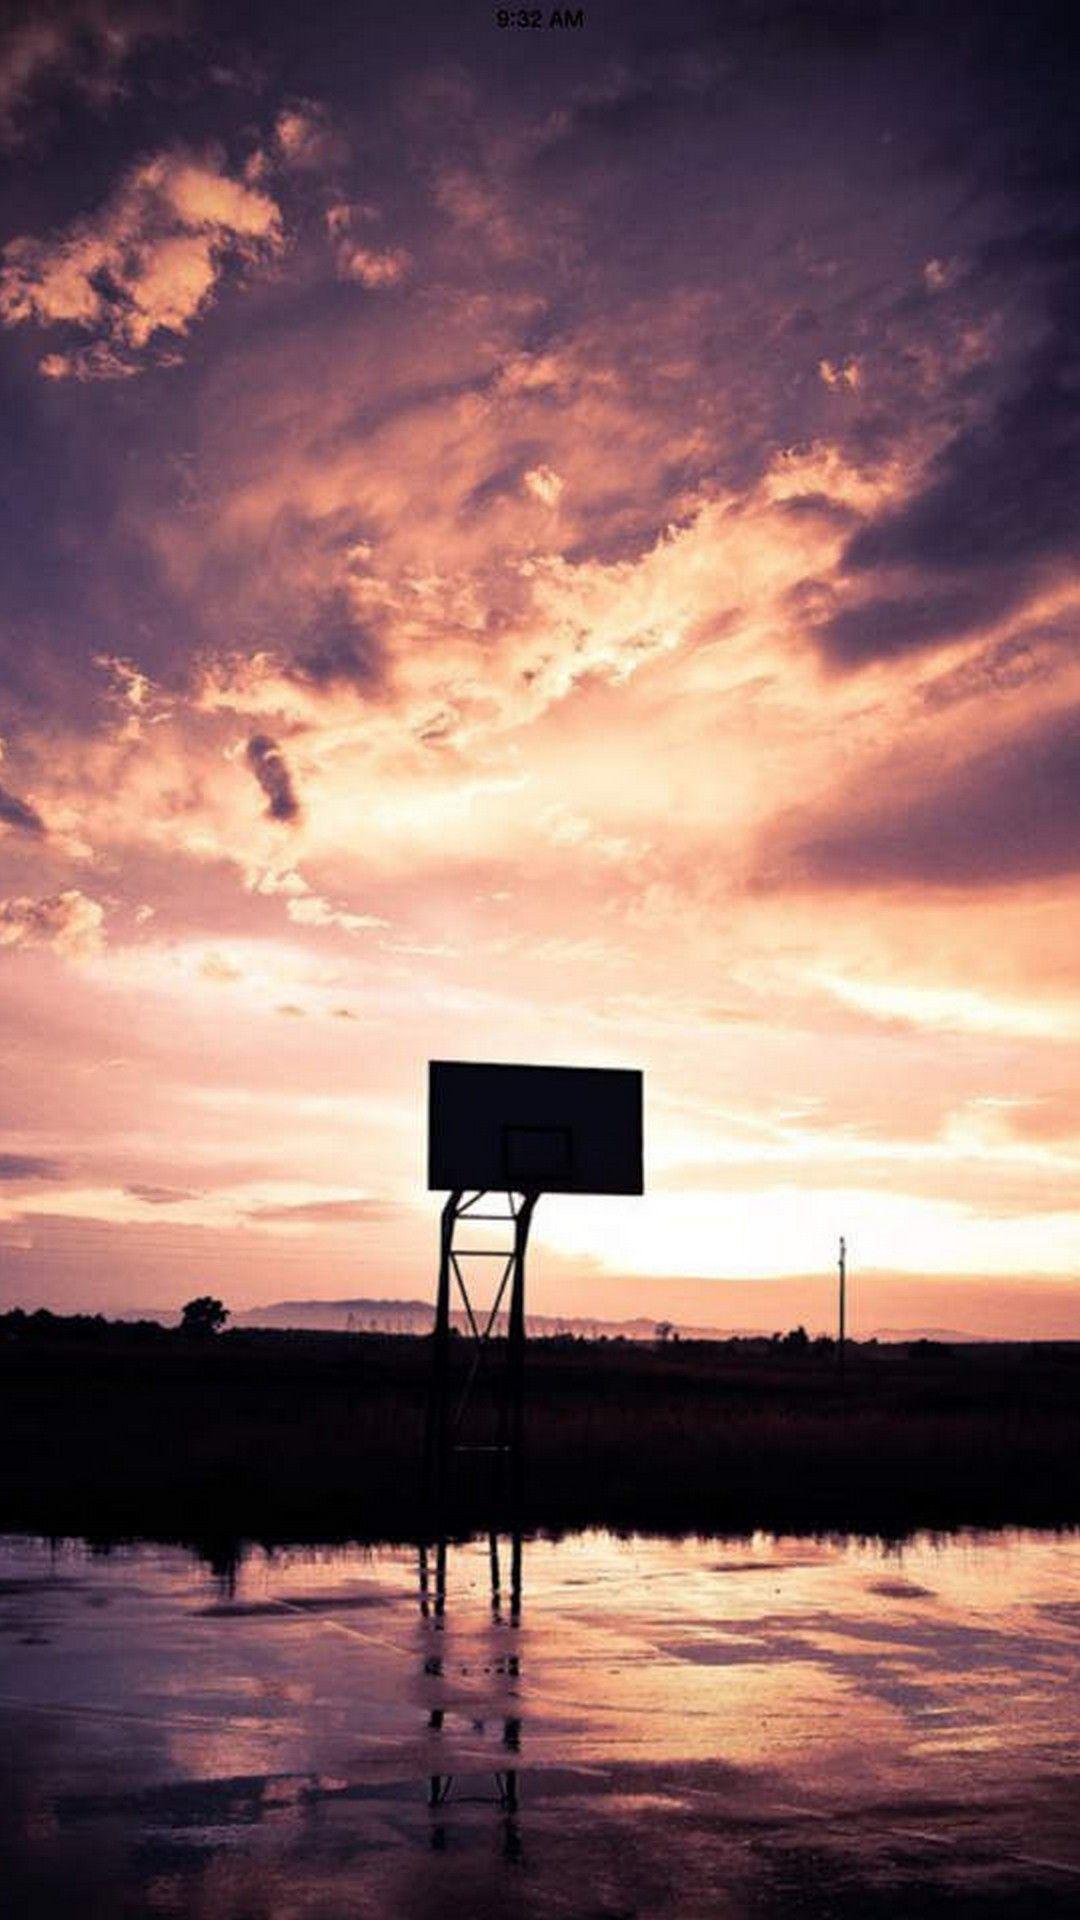 Wallpaper Nba Iphone Wallpaper Basketball Wallpapers Hd